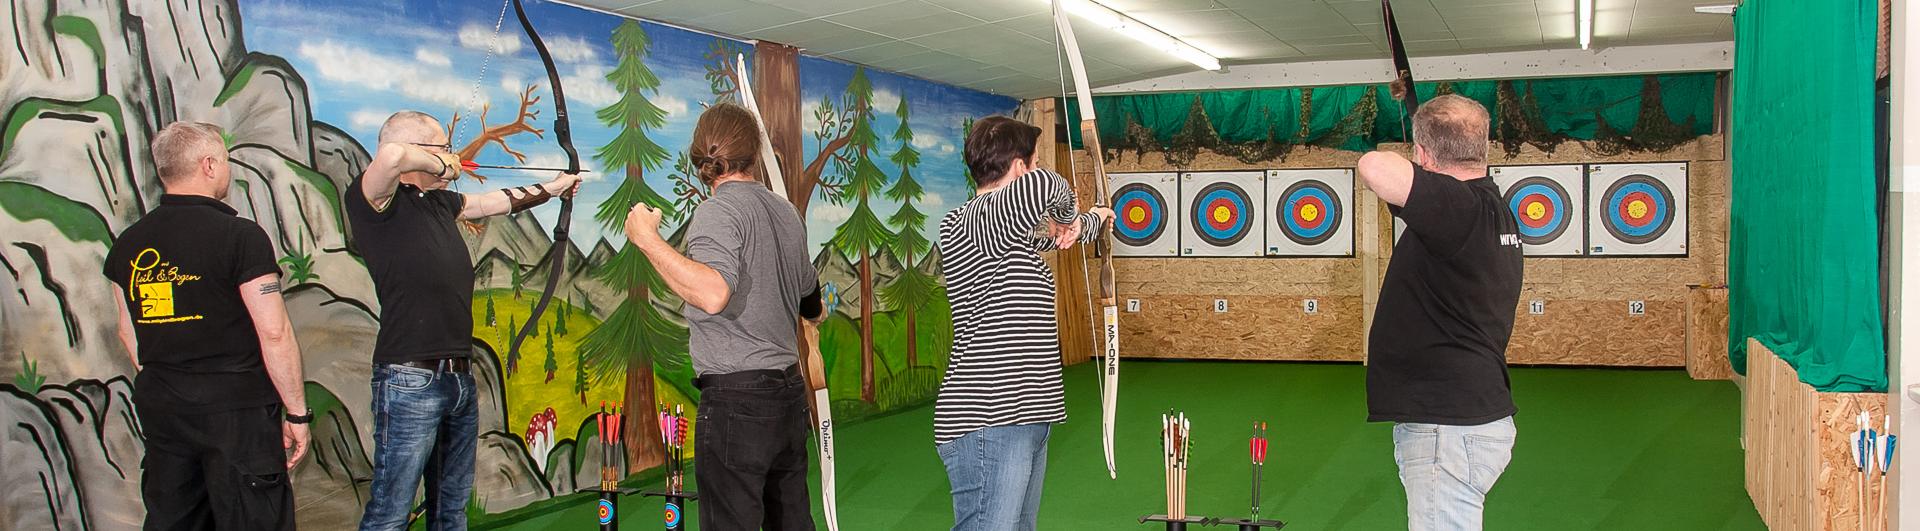 Bogenschützen beim instinktiven Bogenschießen bei Mit Pfeil und Bogen in Hamburg